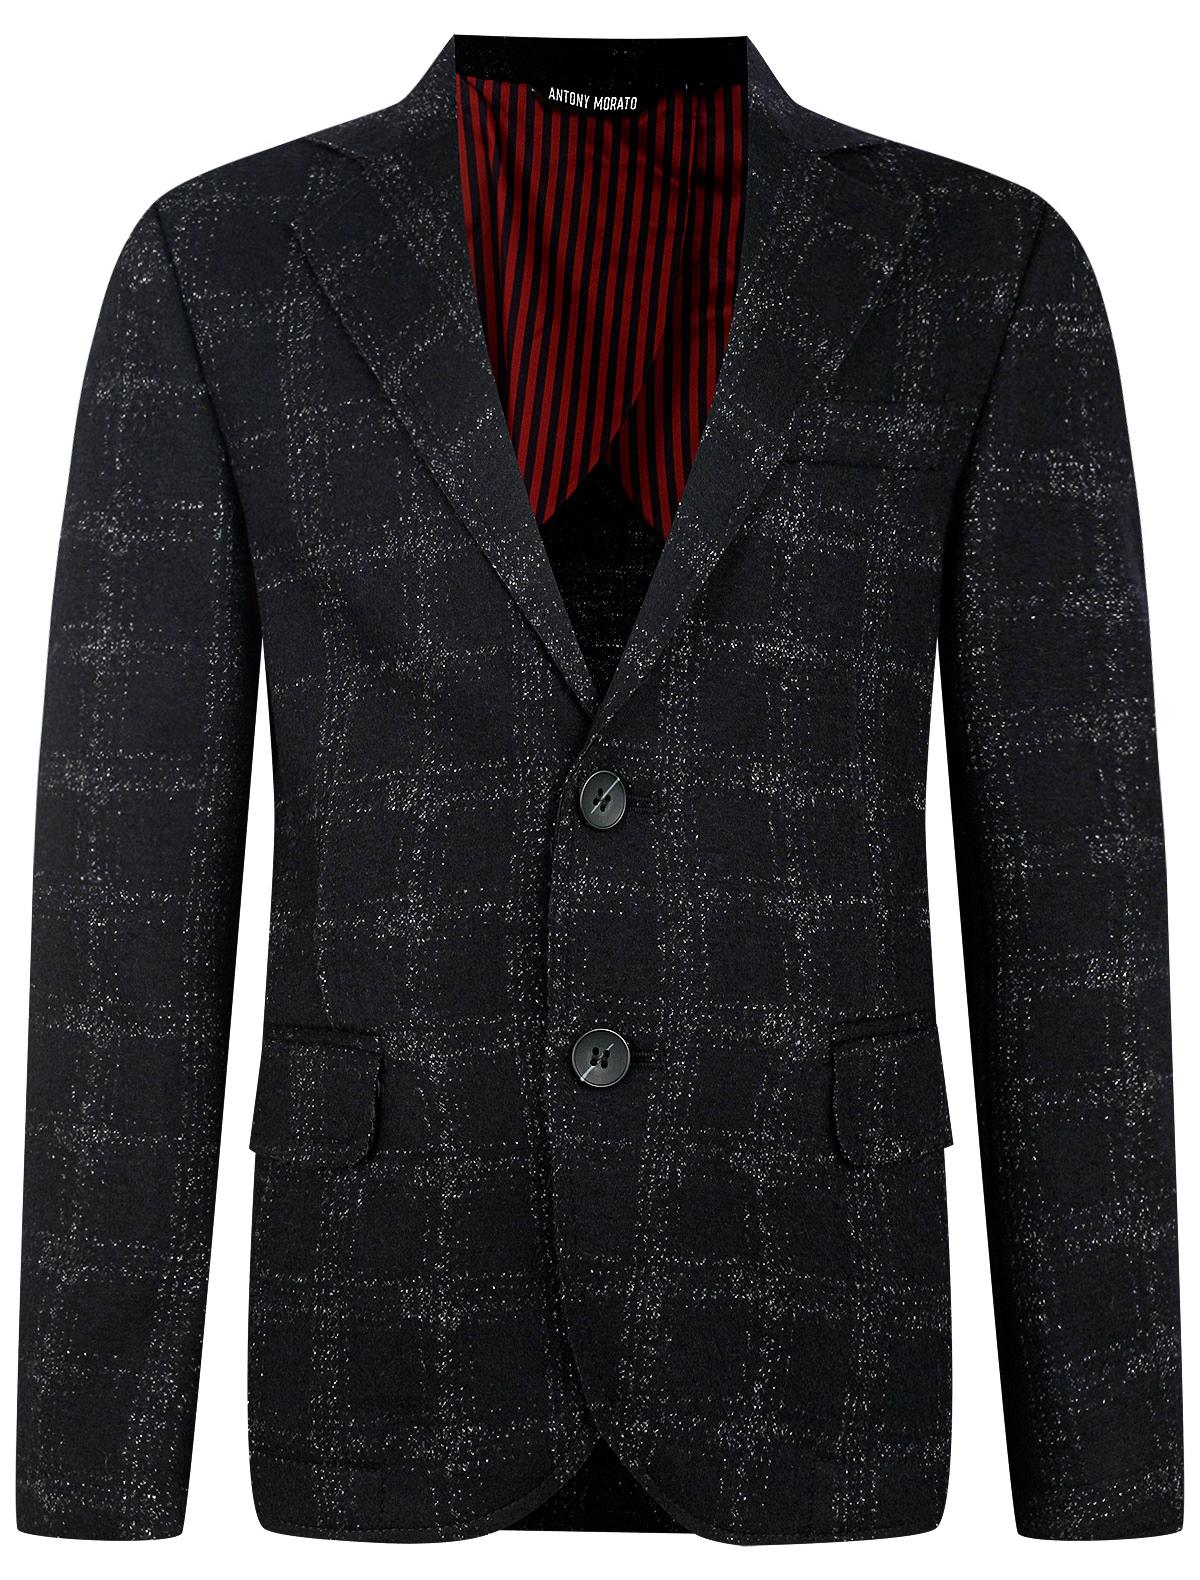 Купить 2253343, Пиджак Antony Morato, черный, Мужской, 1334519080826